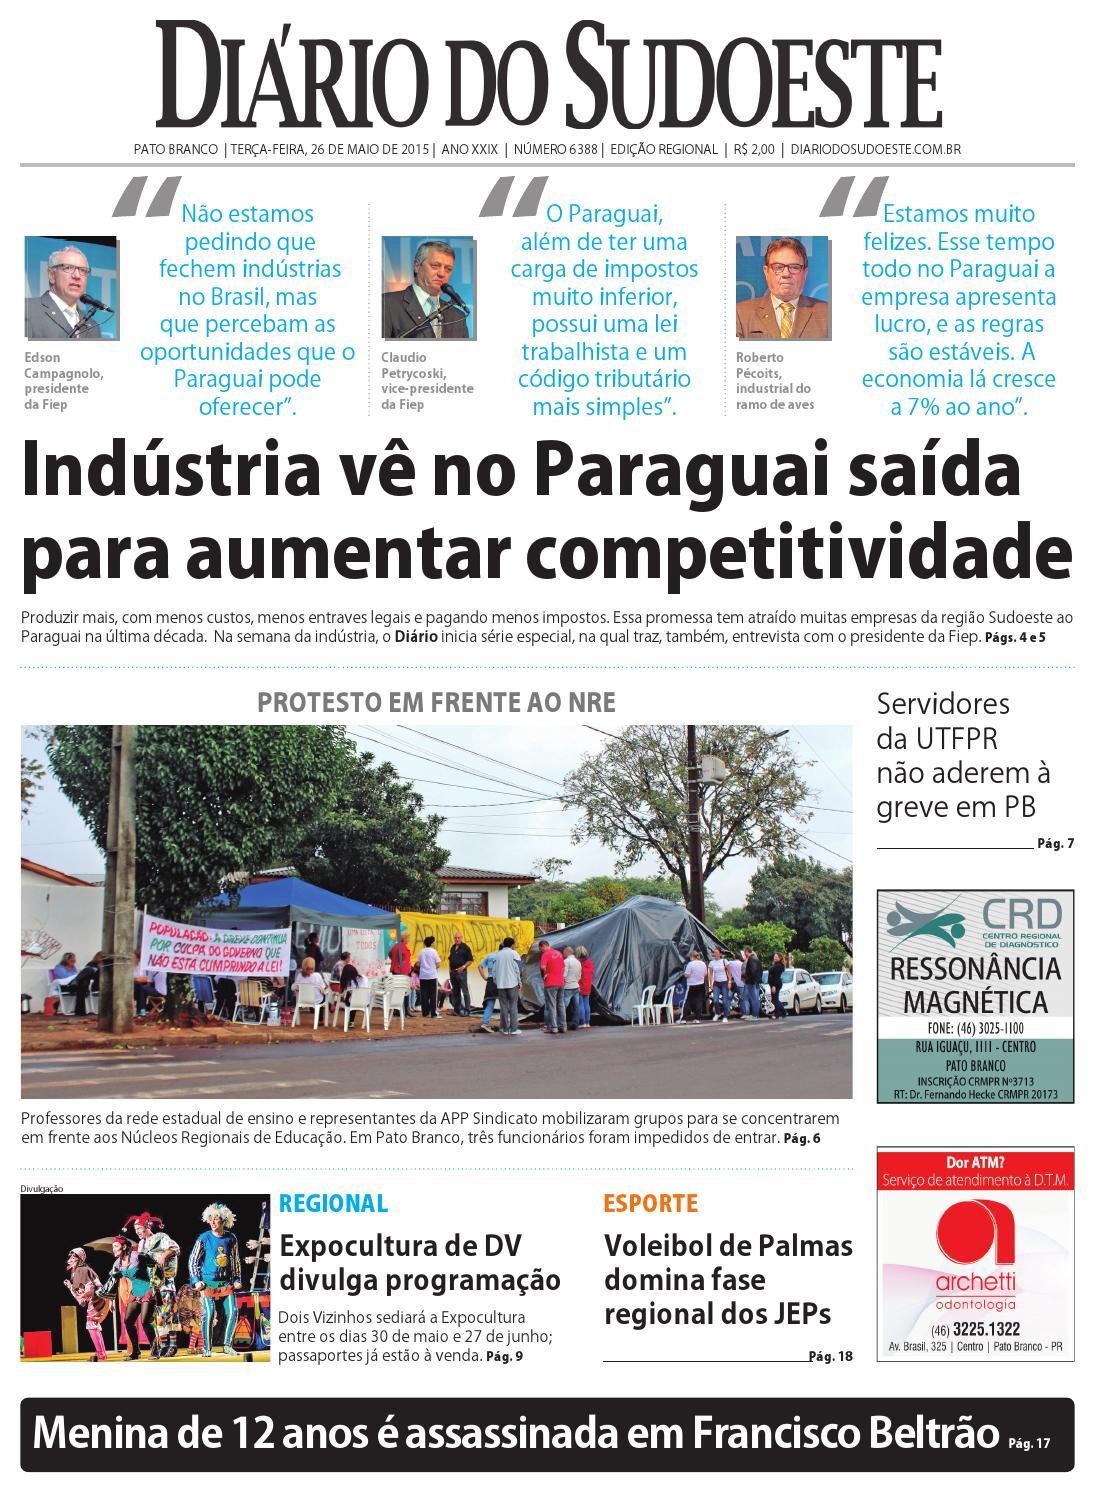 Diário do sudoeste 26 de maio de 2015 ed 6388 by Diário do Sudoeste - issuu fae13a8c917fd